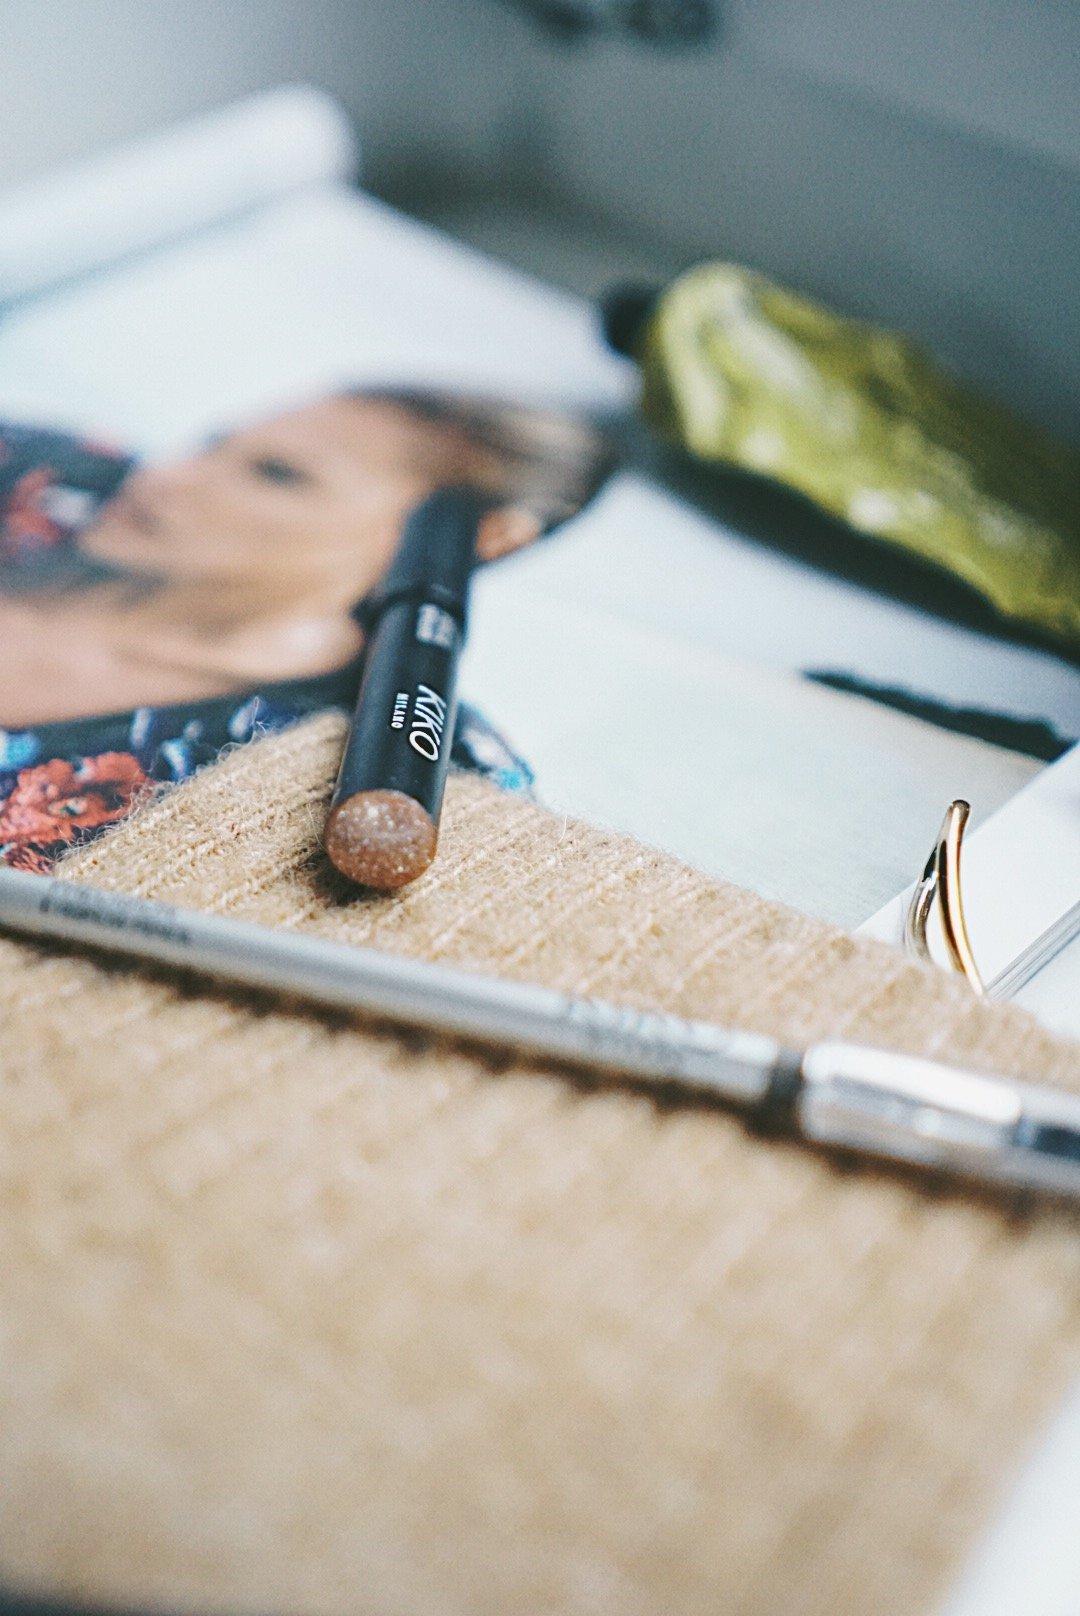 Pencil_Lip_Gloss_Kiko-Augenbrauen_schminken-Nowshine-Beauty-Blog-ü40